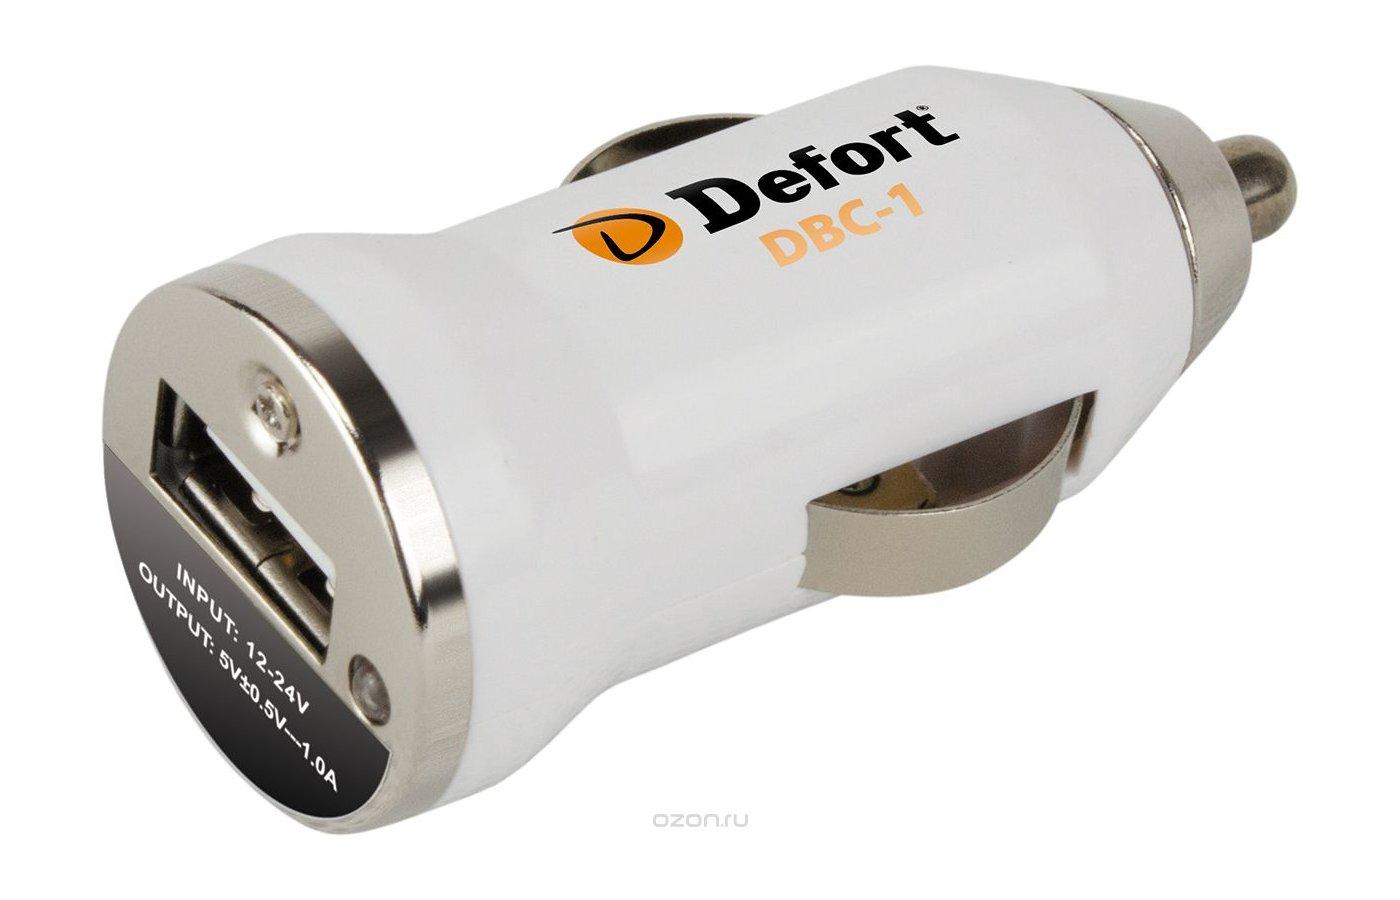 Зарядное устройство DEFORT DBC-1